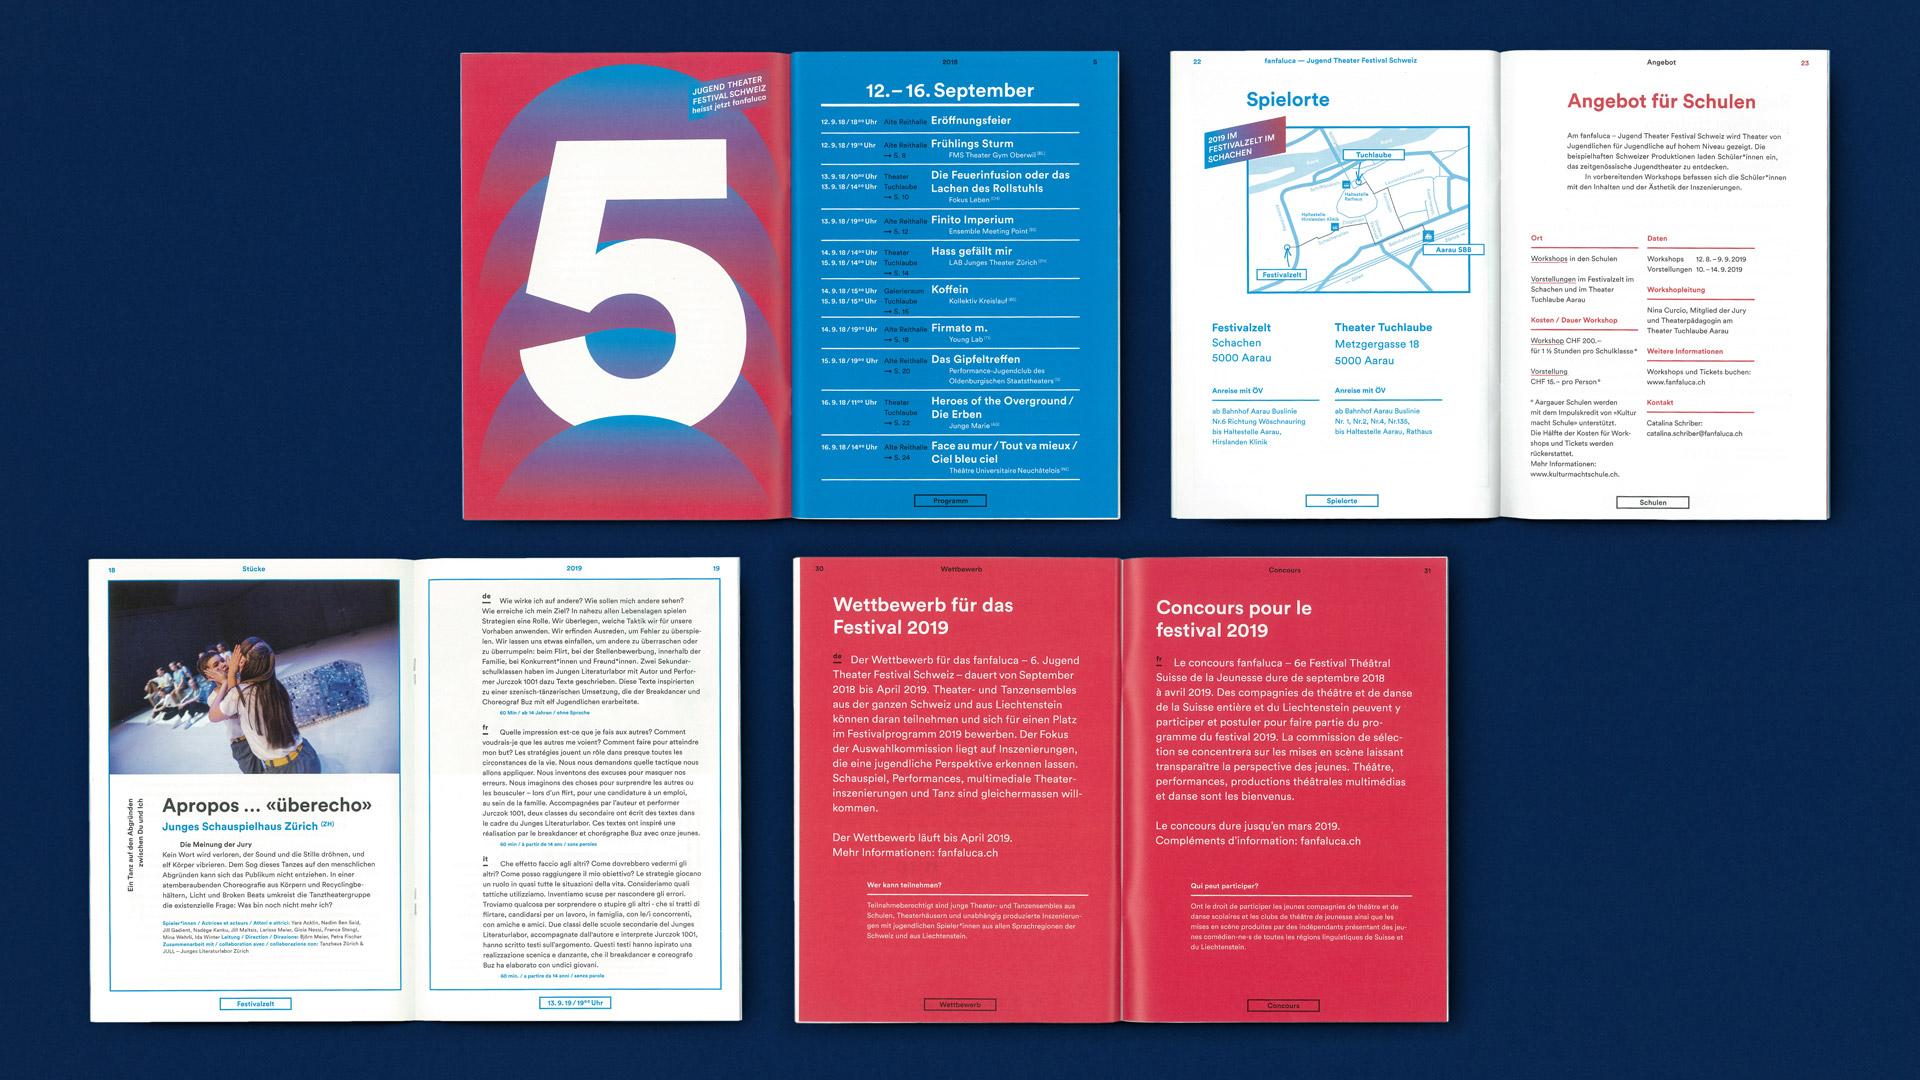 Fanfaluca – Jugend Theater Festival Schweiz — Programmheft, Corporate Design, Plakate, Flyer, Animationen — l'équipe visuelle – Grafik und Werbung